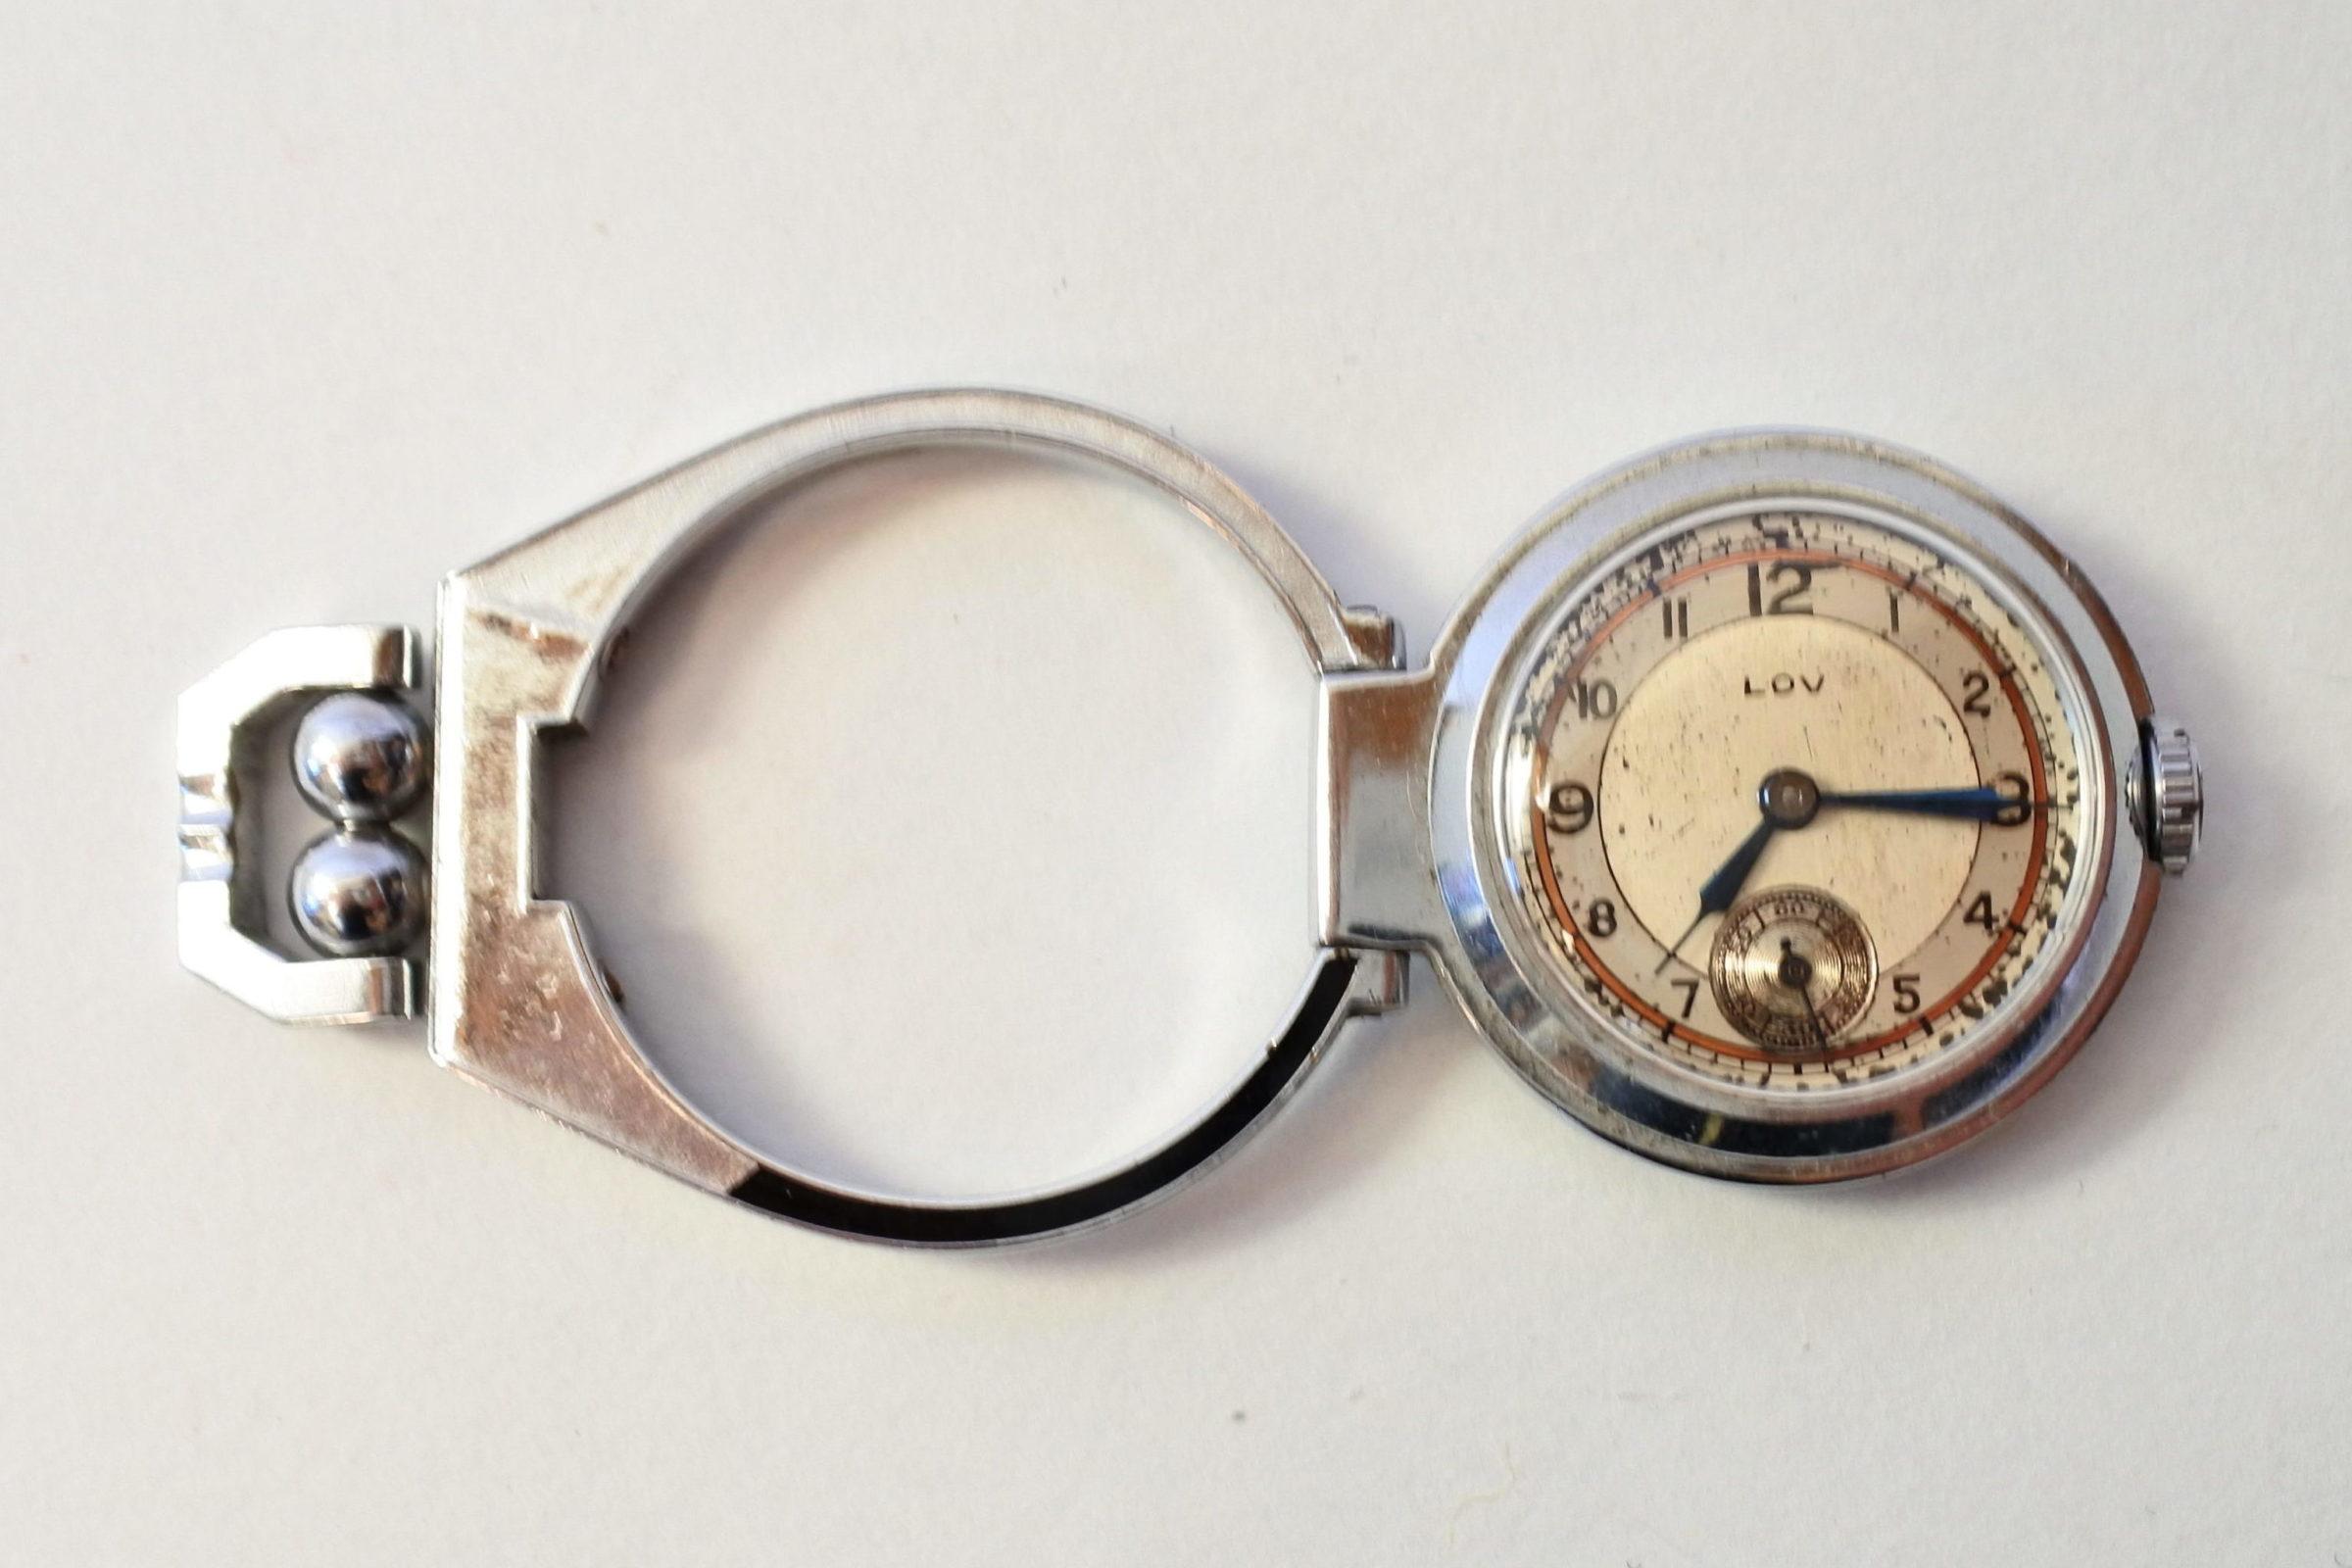 Orologio a ciondolo Lov - 3